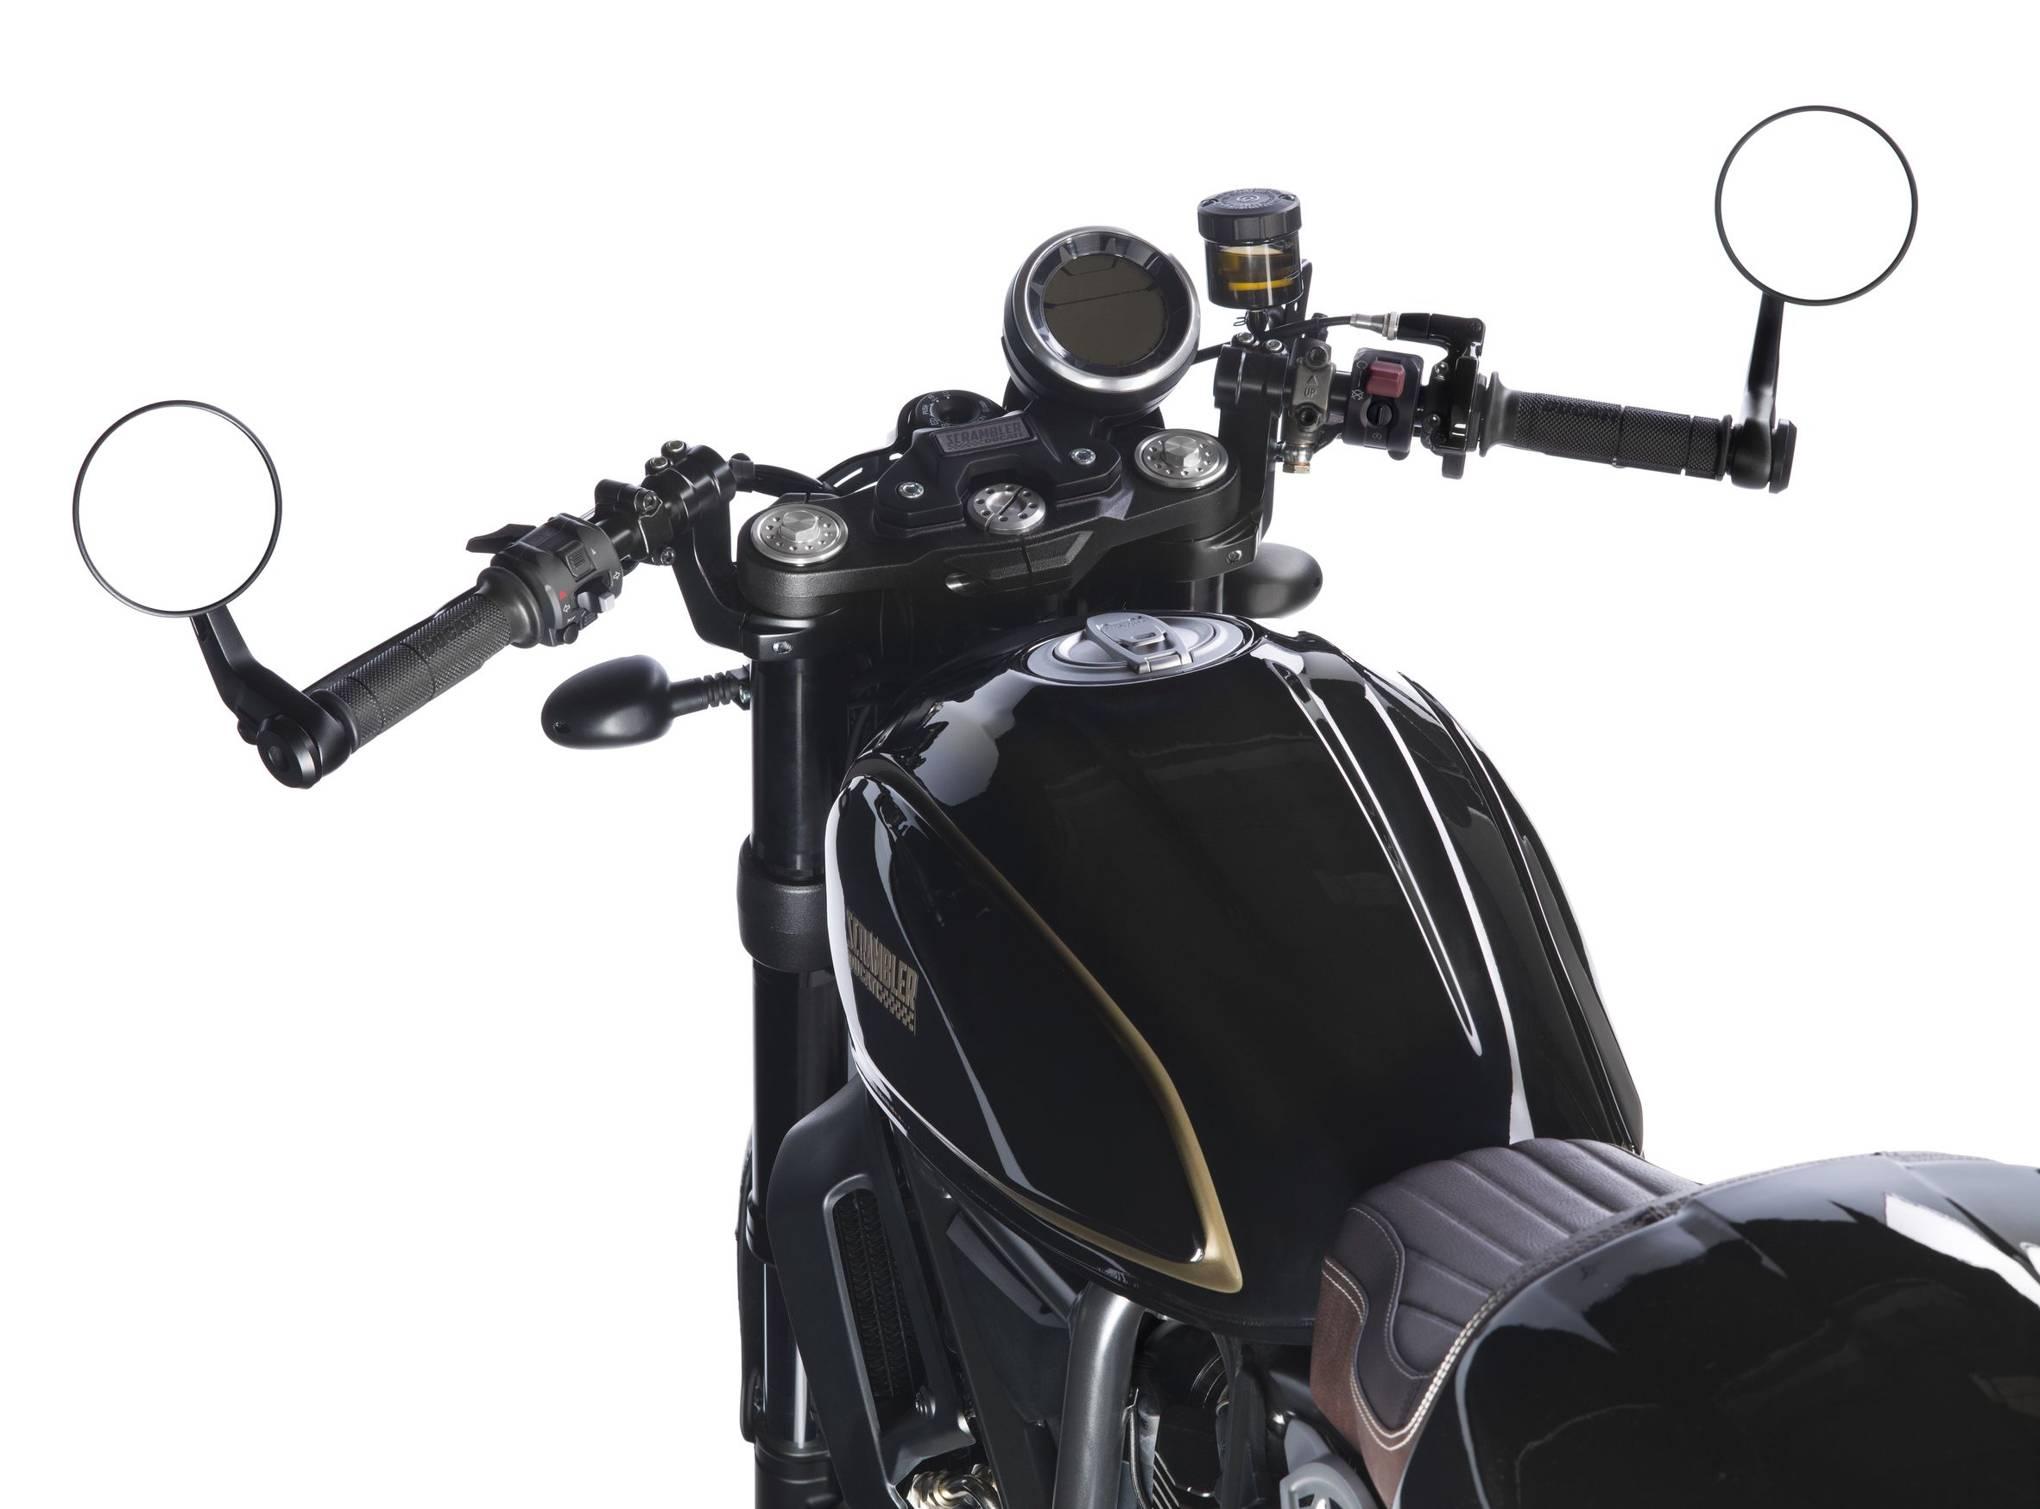 Ducati Scrambler Cafe Racer Review